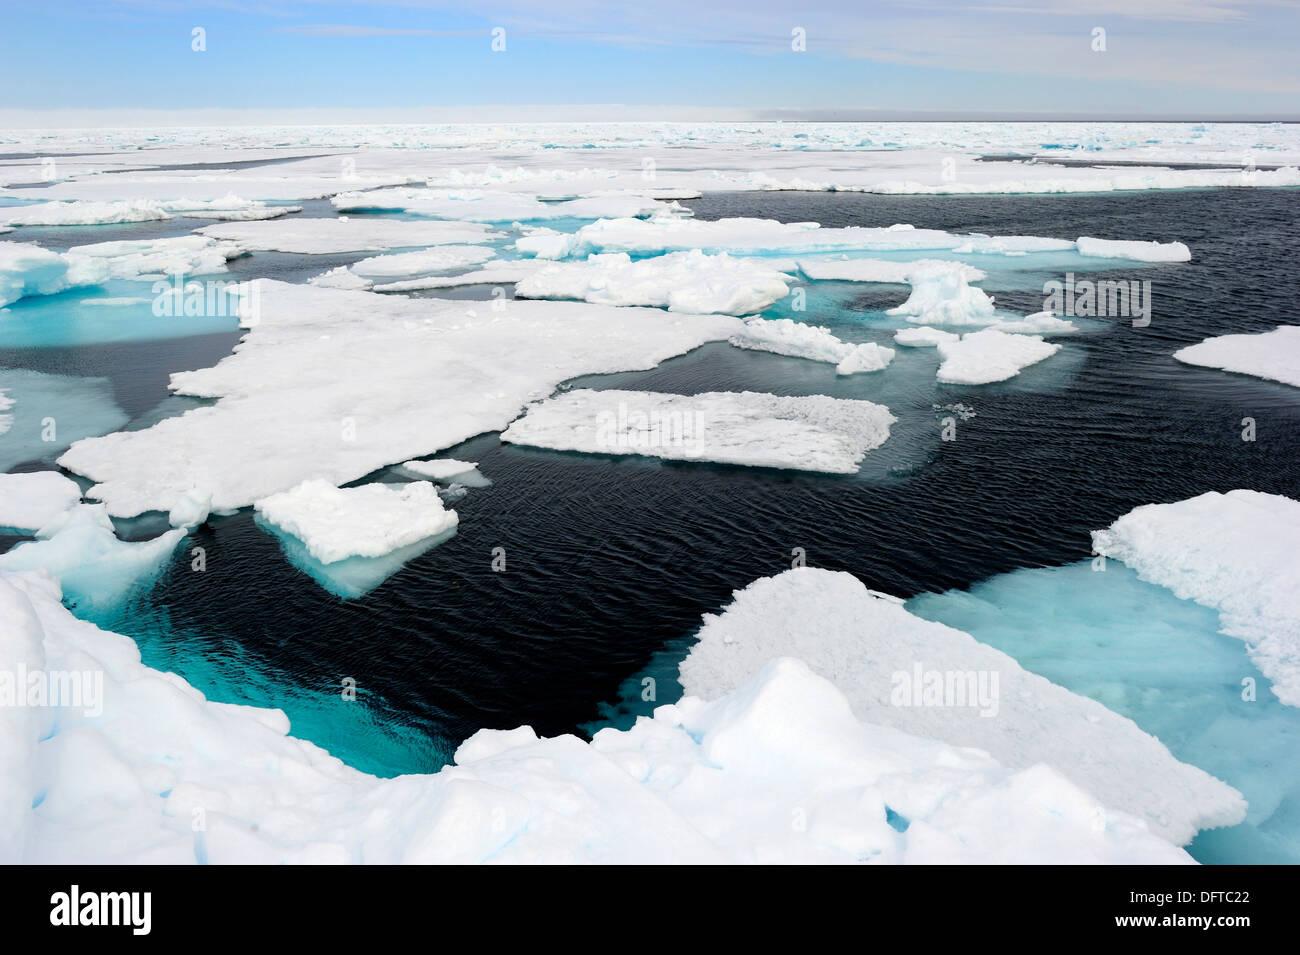 Ghiaccio fondente, Floe Edge, Arctic Bay, Isola Baffin, Nunavut, Canada Immagini Stock